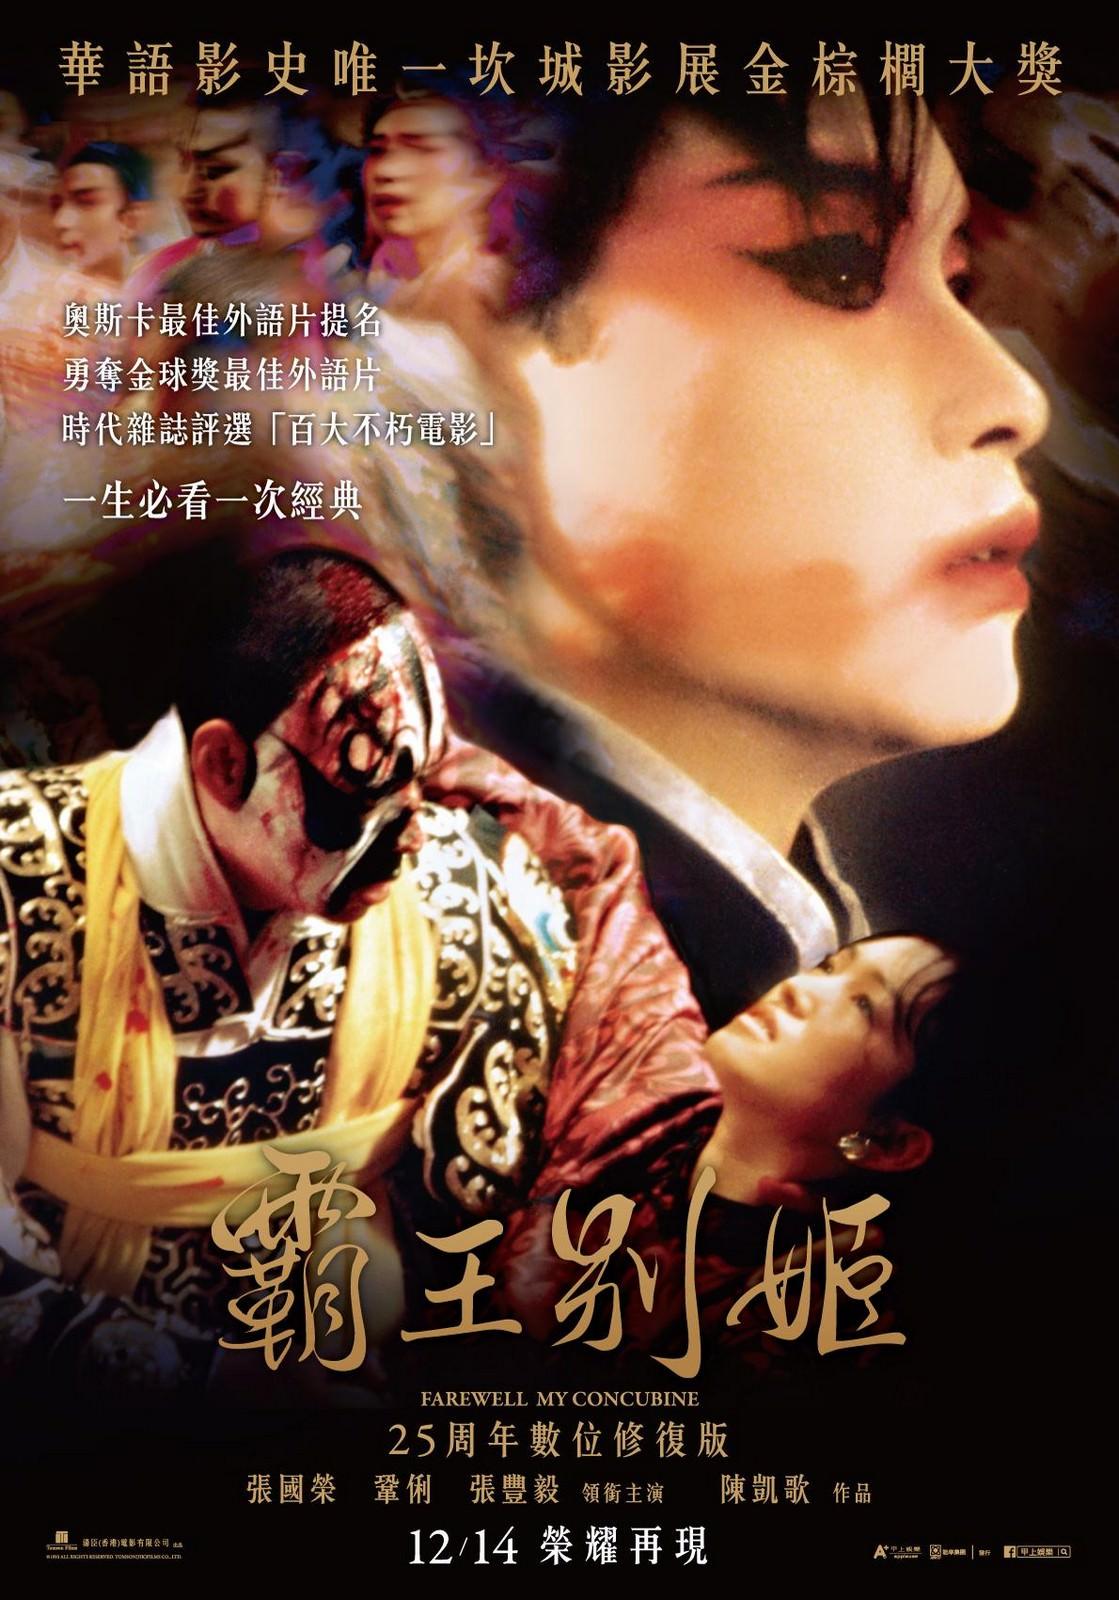 《霸王別姬》影評:最經典華語電影的際遇 - 闕小豪